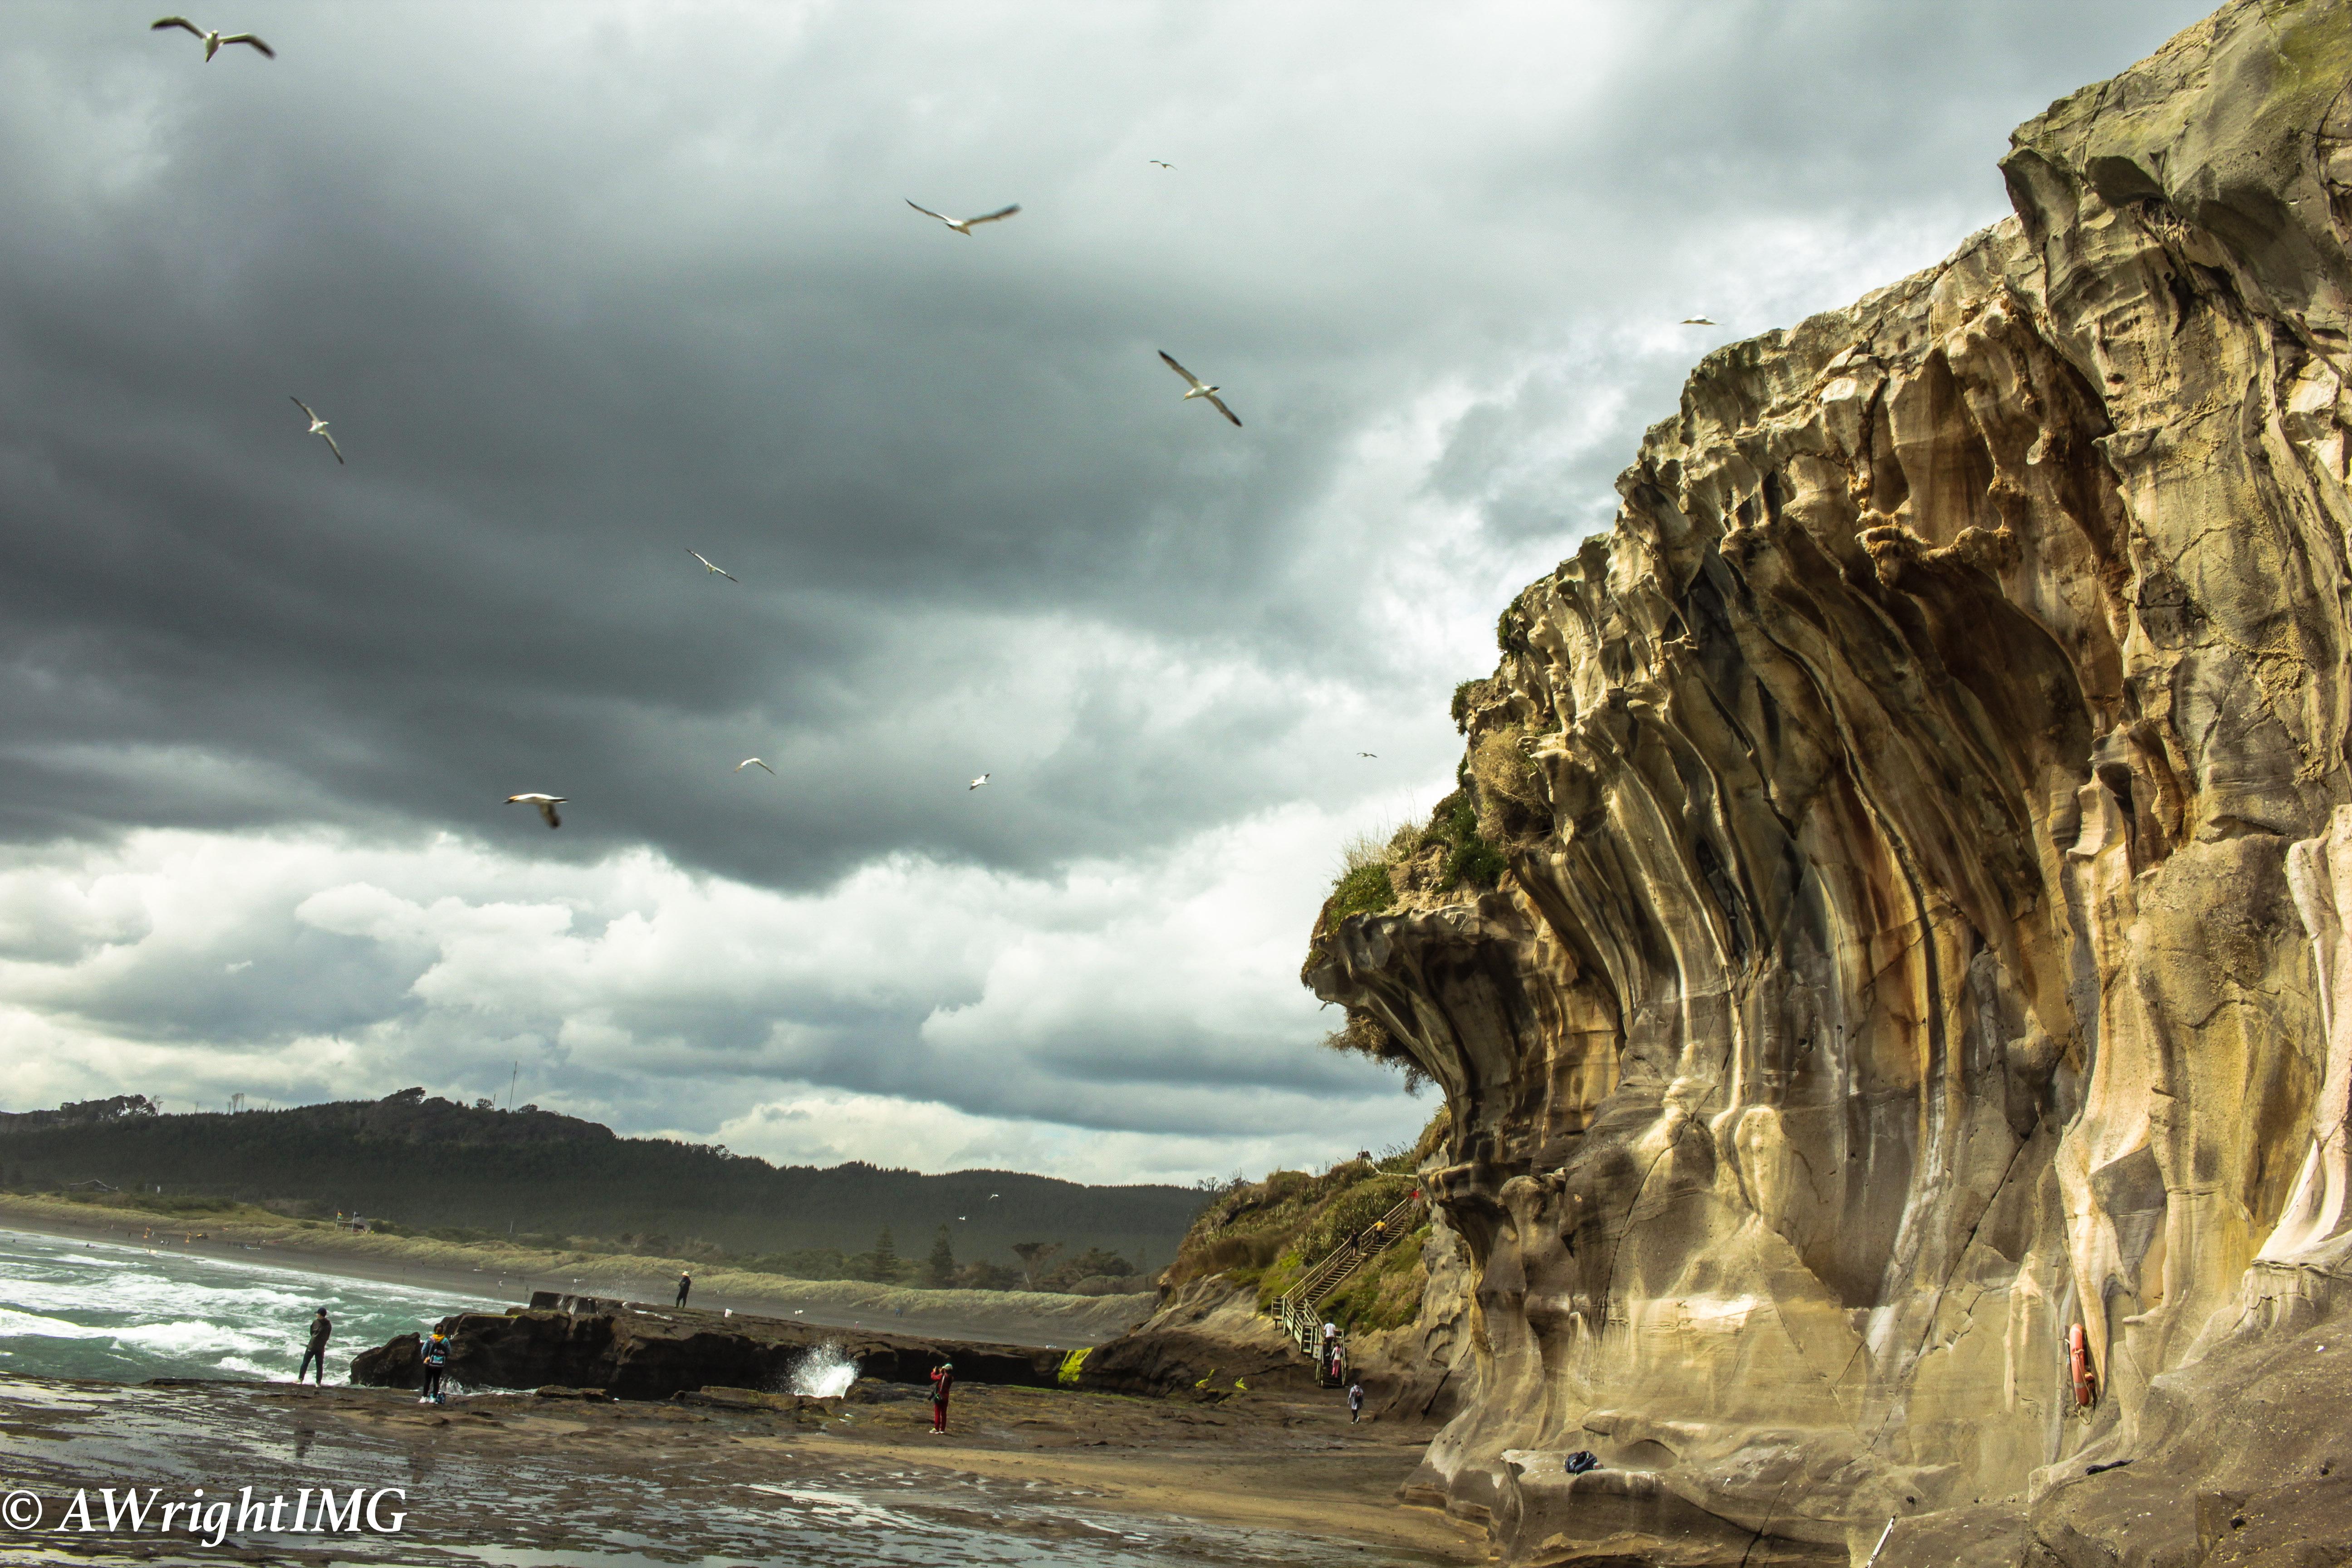 Cliffs & Adventure